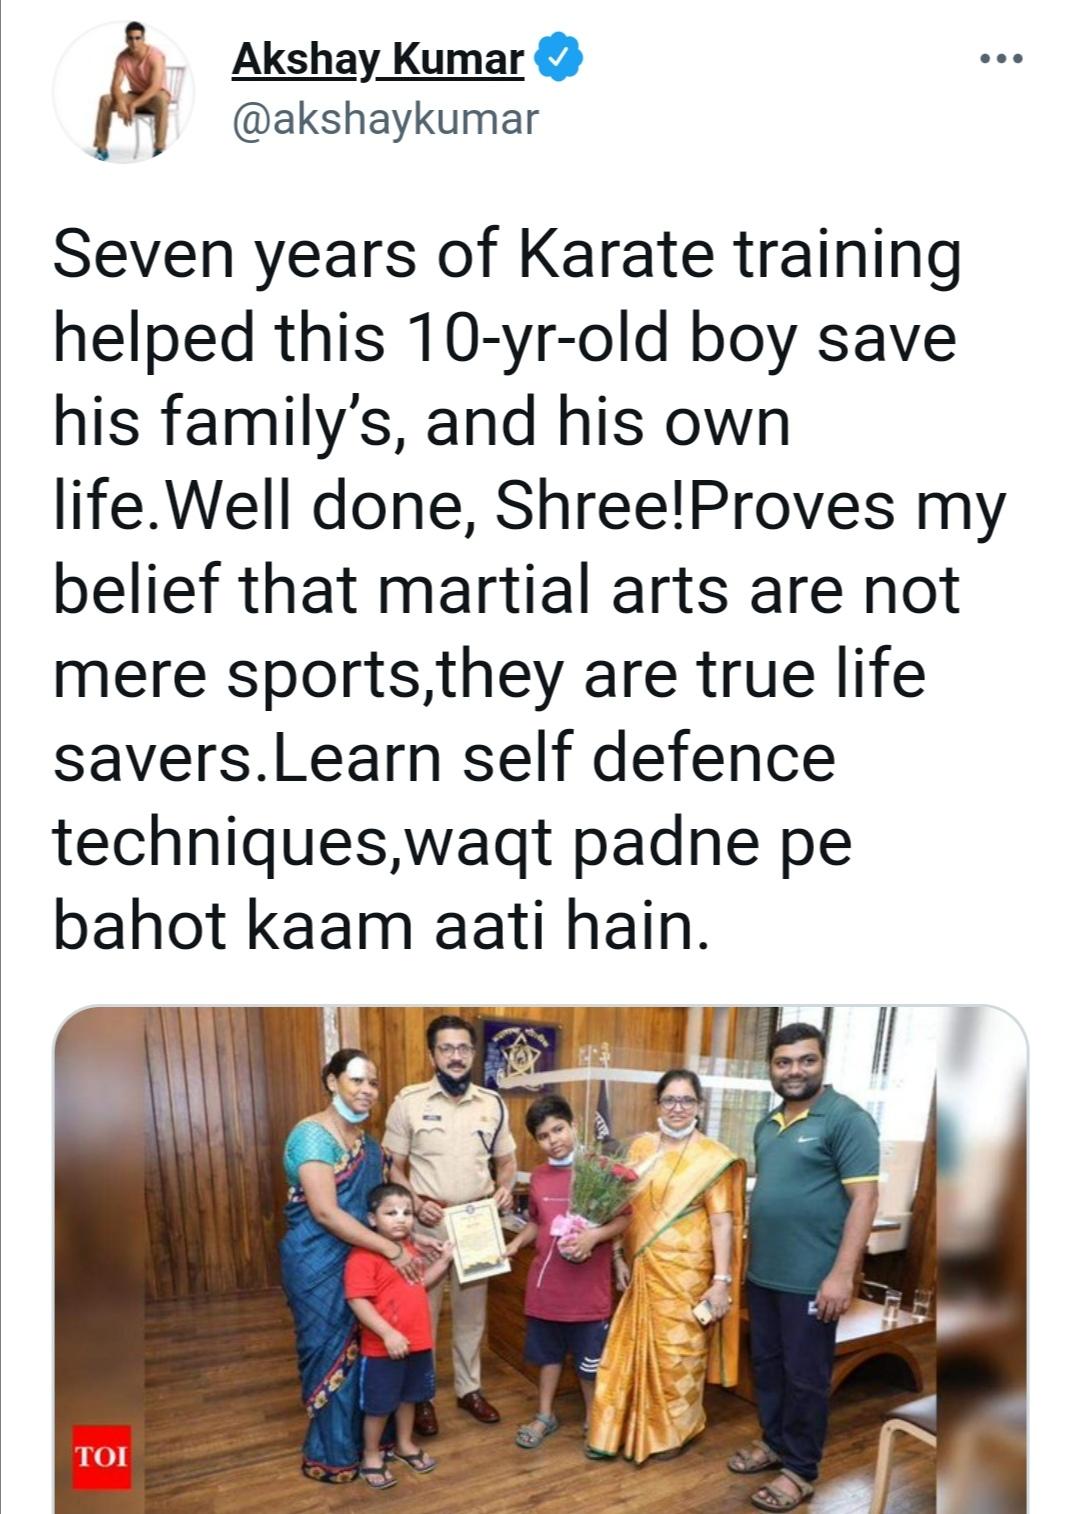 أكشاي كومار- الصورة من حسابه على إنستغرام